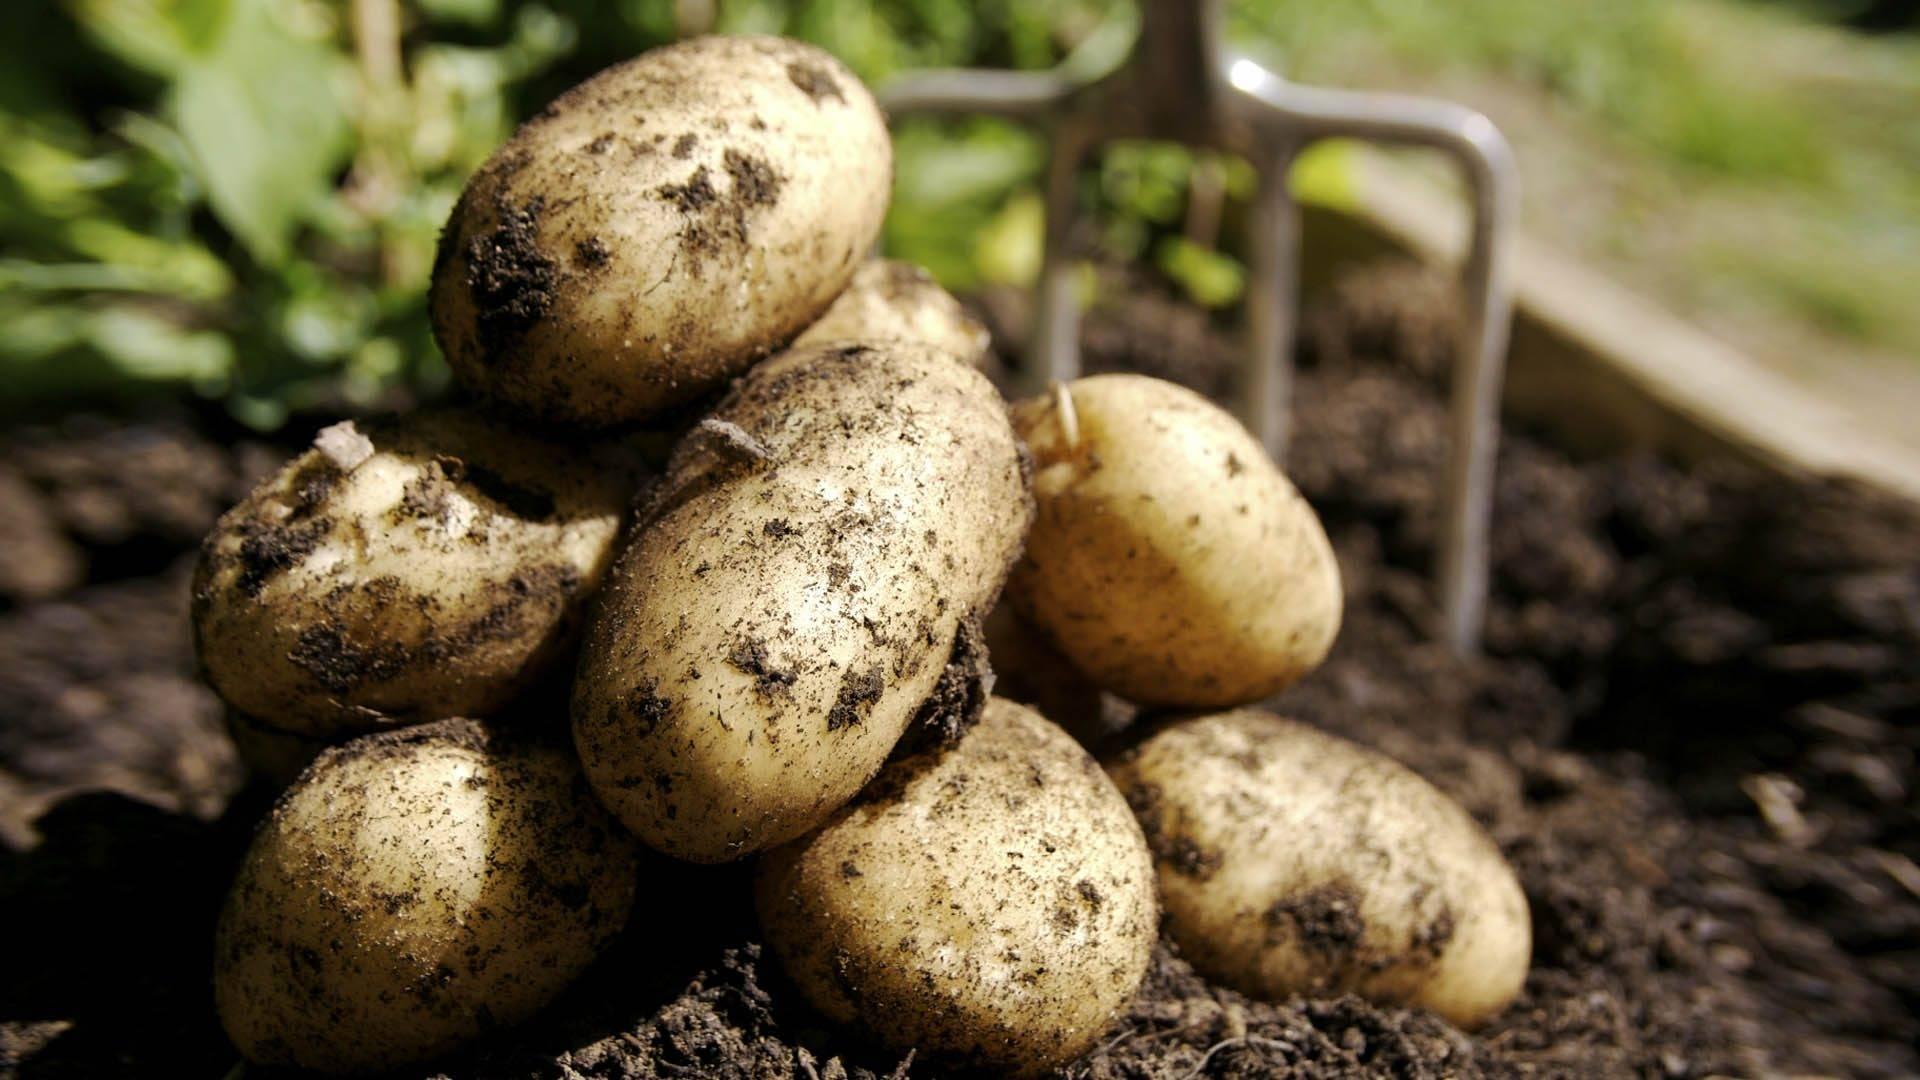 Сорт картофеля «тулеевский»: характеристика, урожайность, отзывы и фото